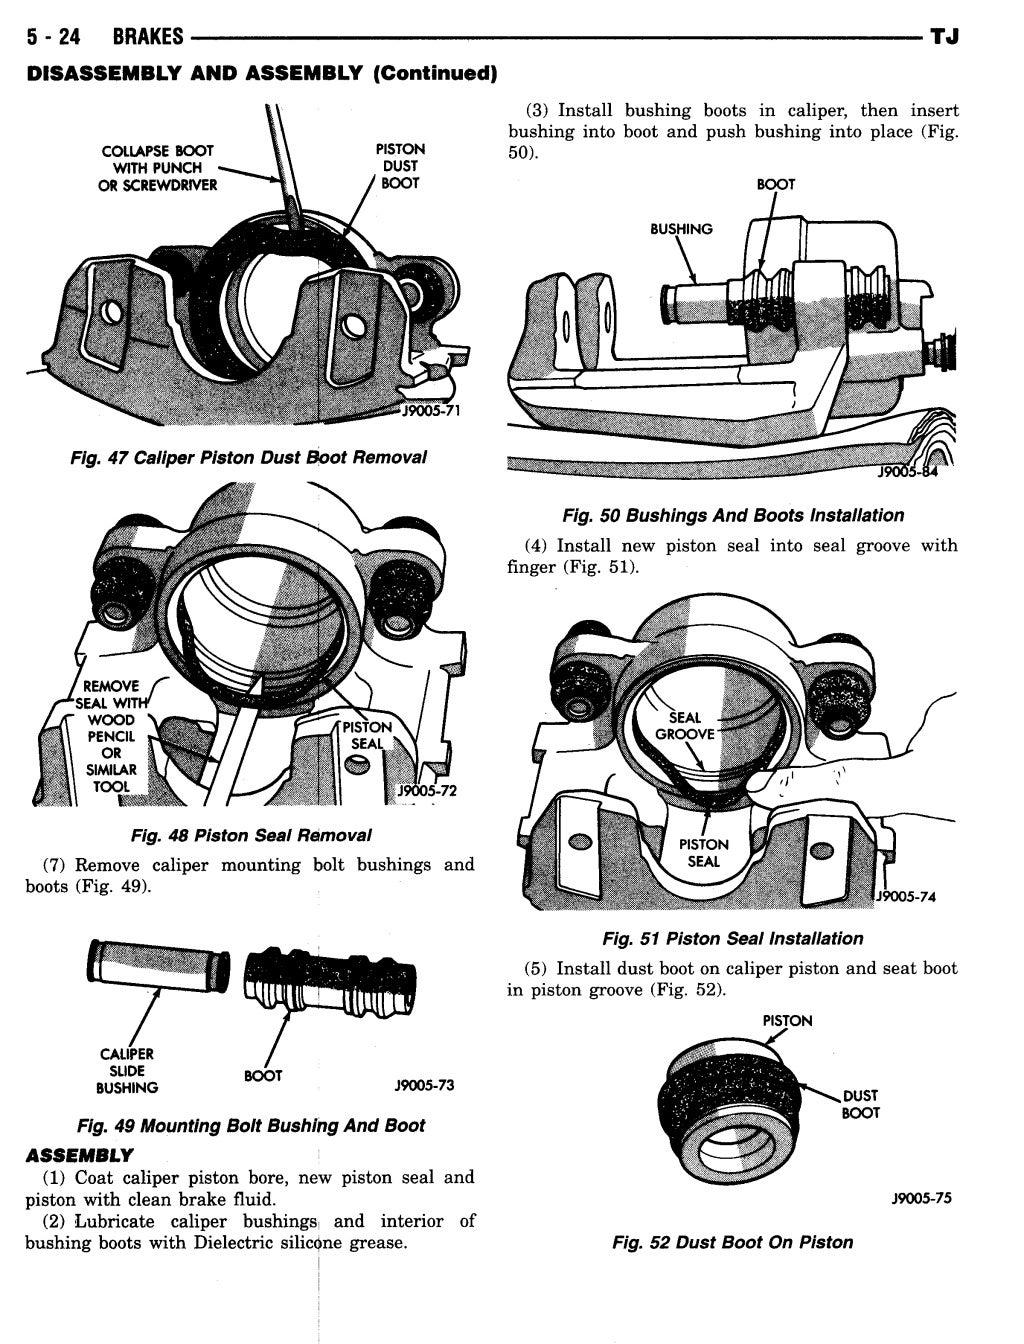 1997 JEEP WRANGLER TJ Service Repair Manual